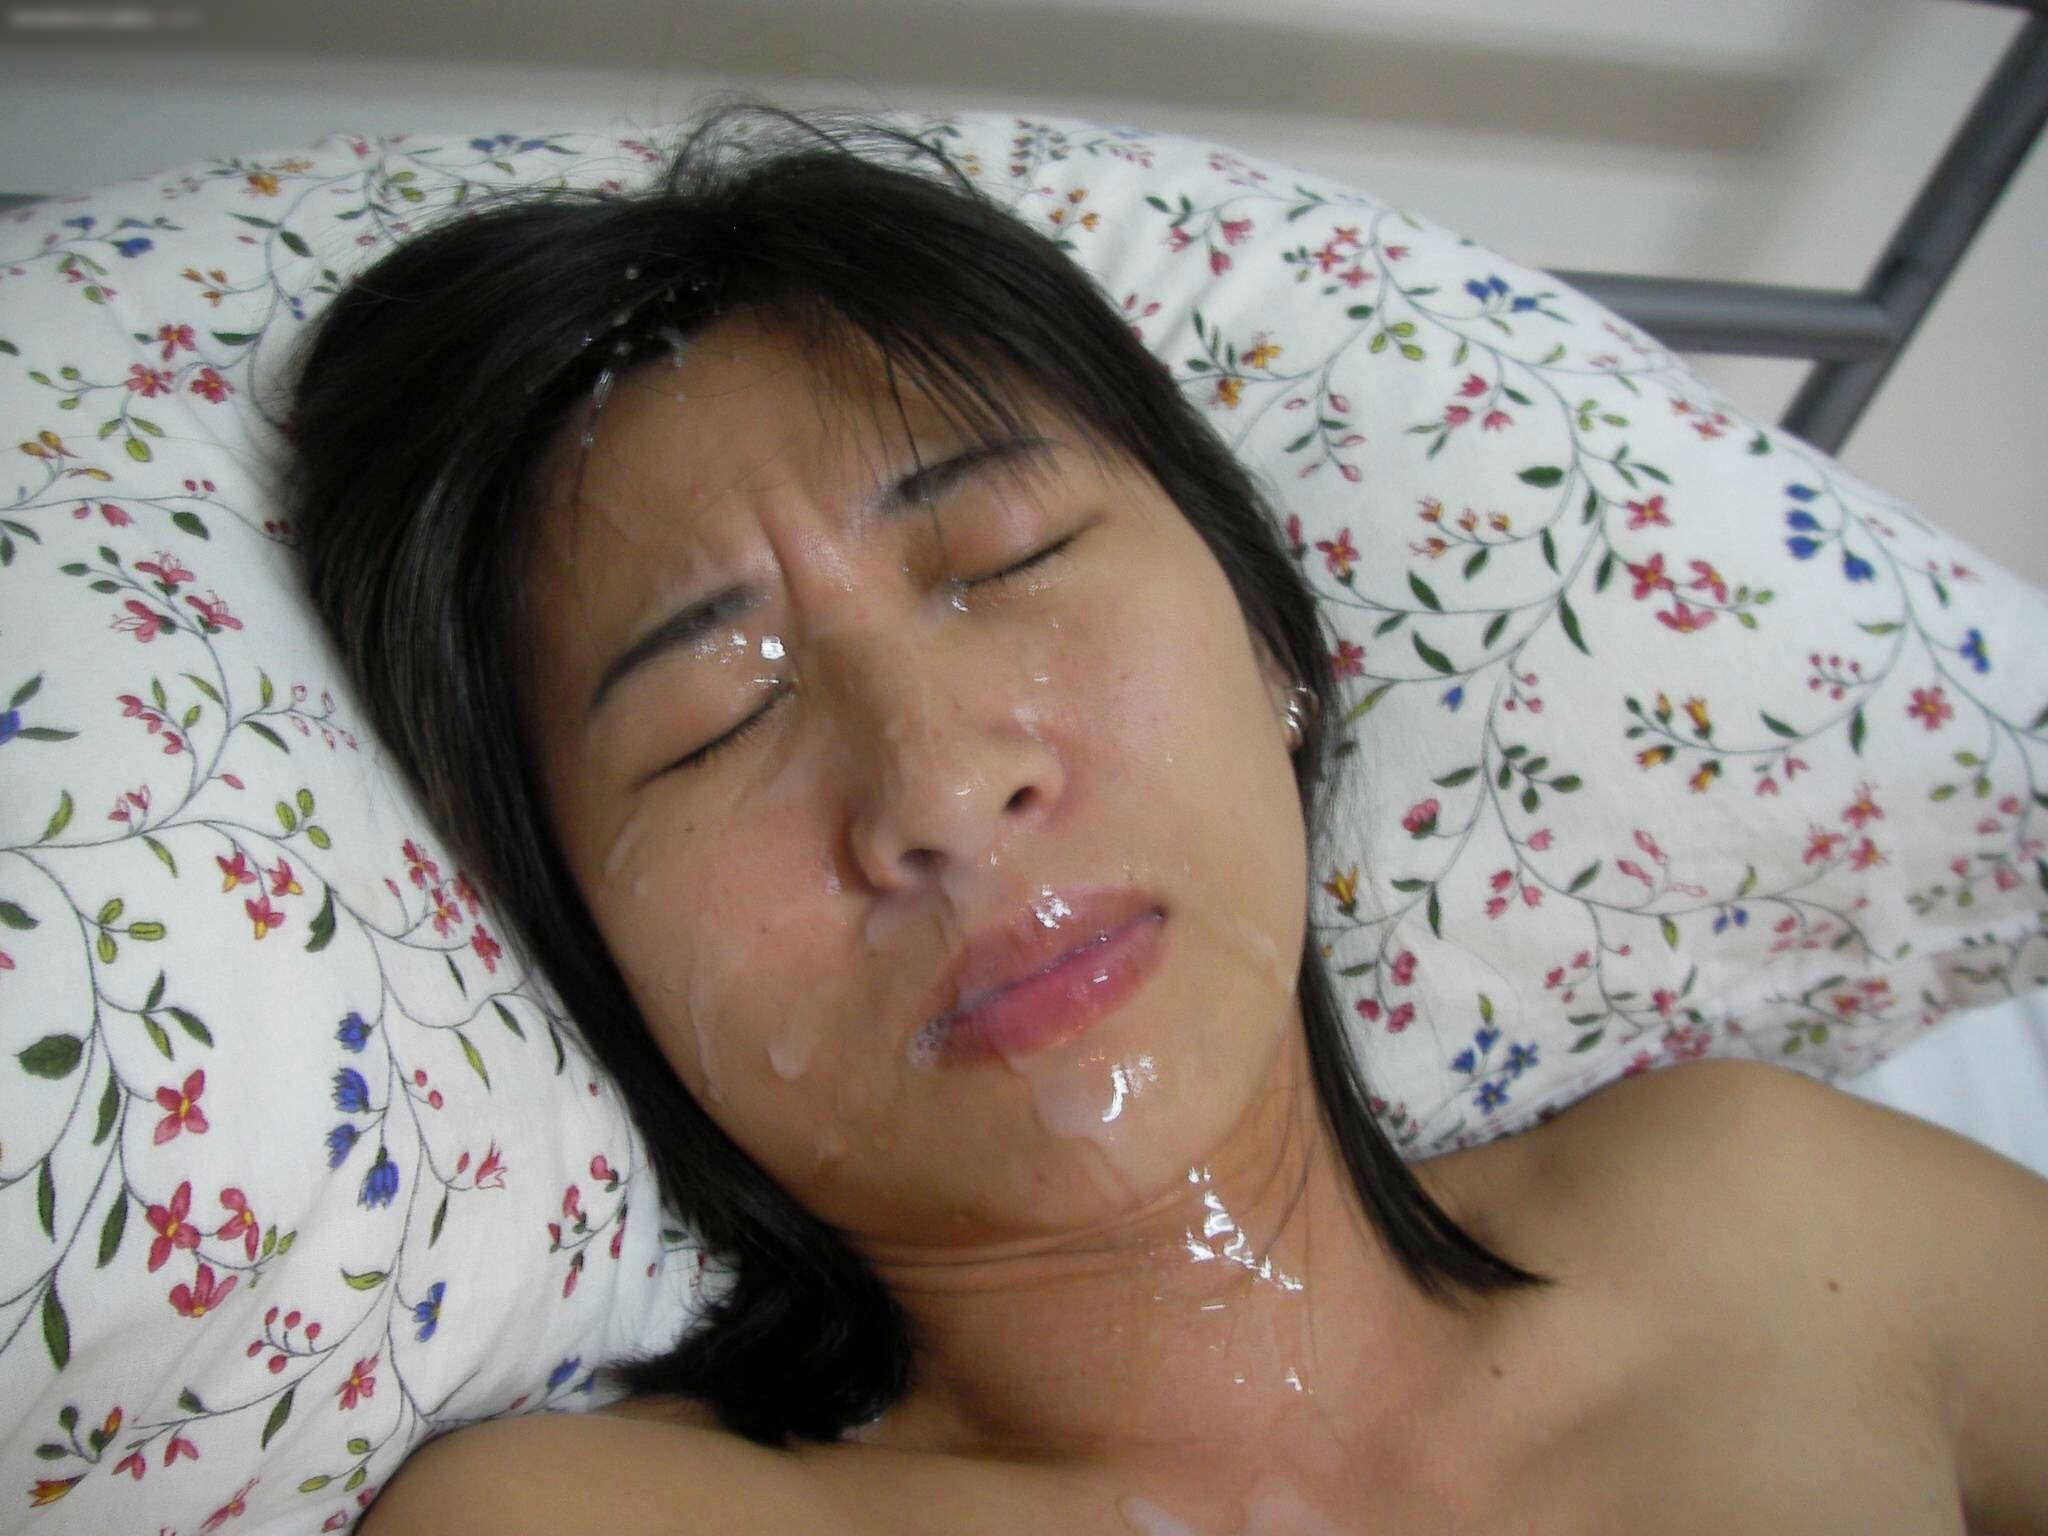 お口マンコにドバっと中出しwwwザーメン流しこむ口内射精のエロ画像 2420 1